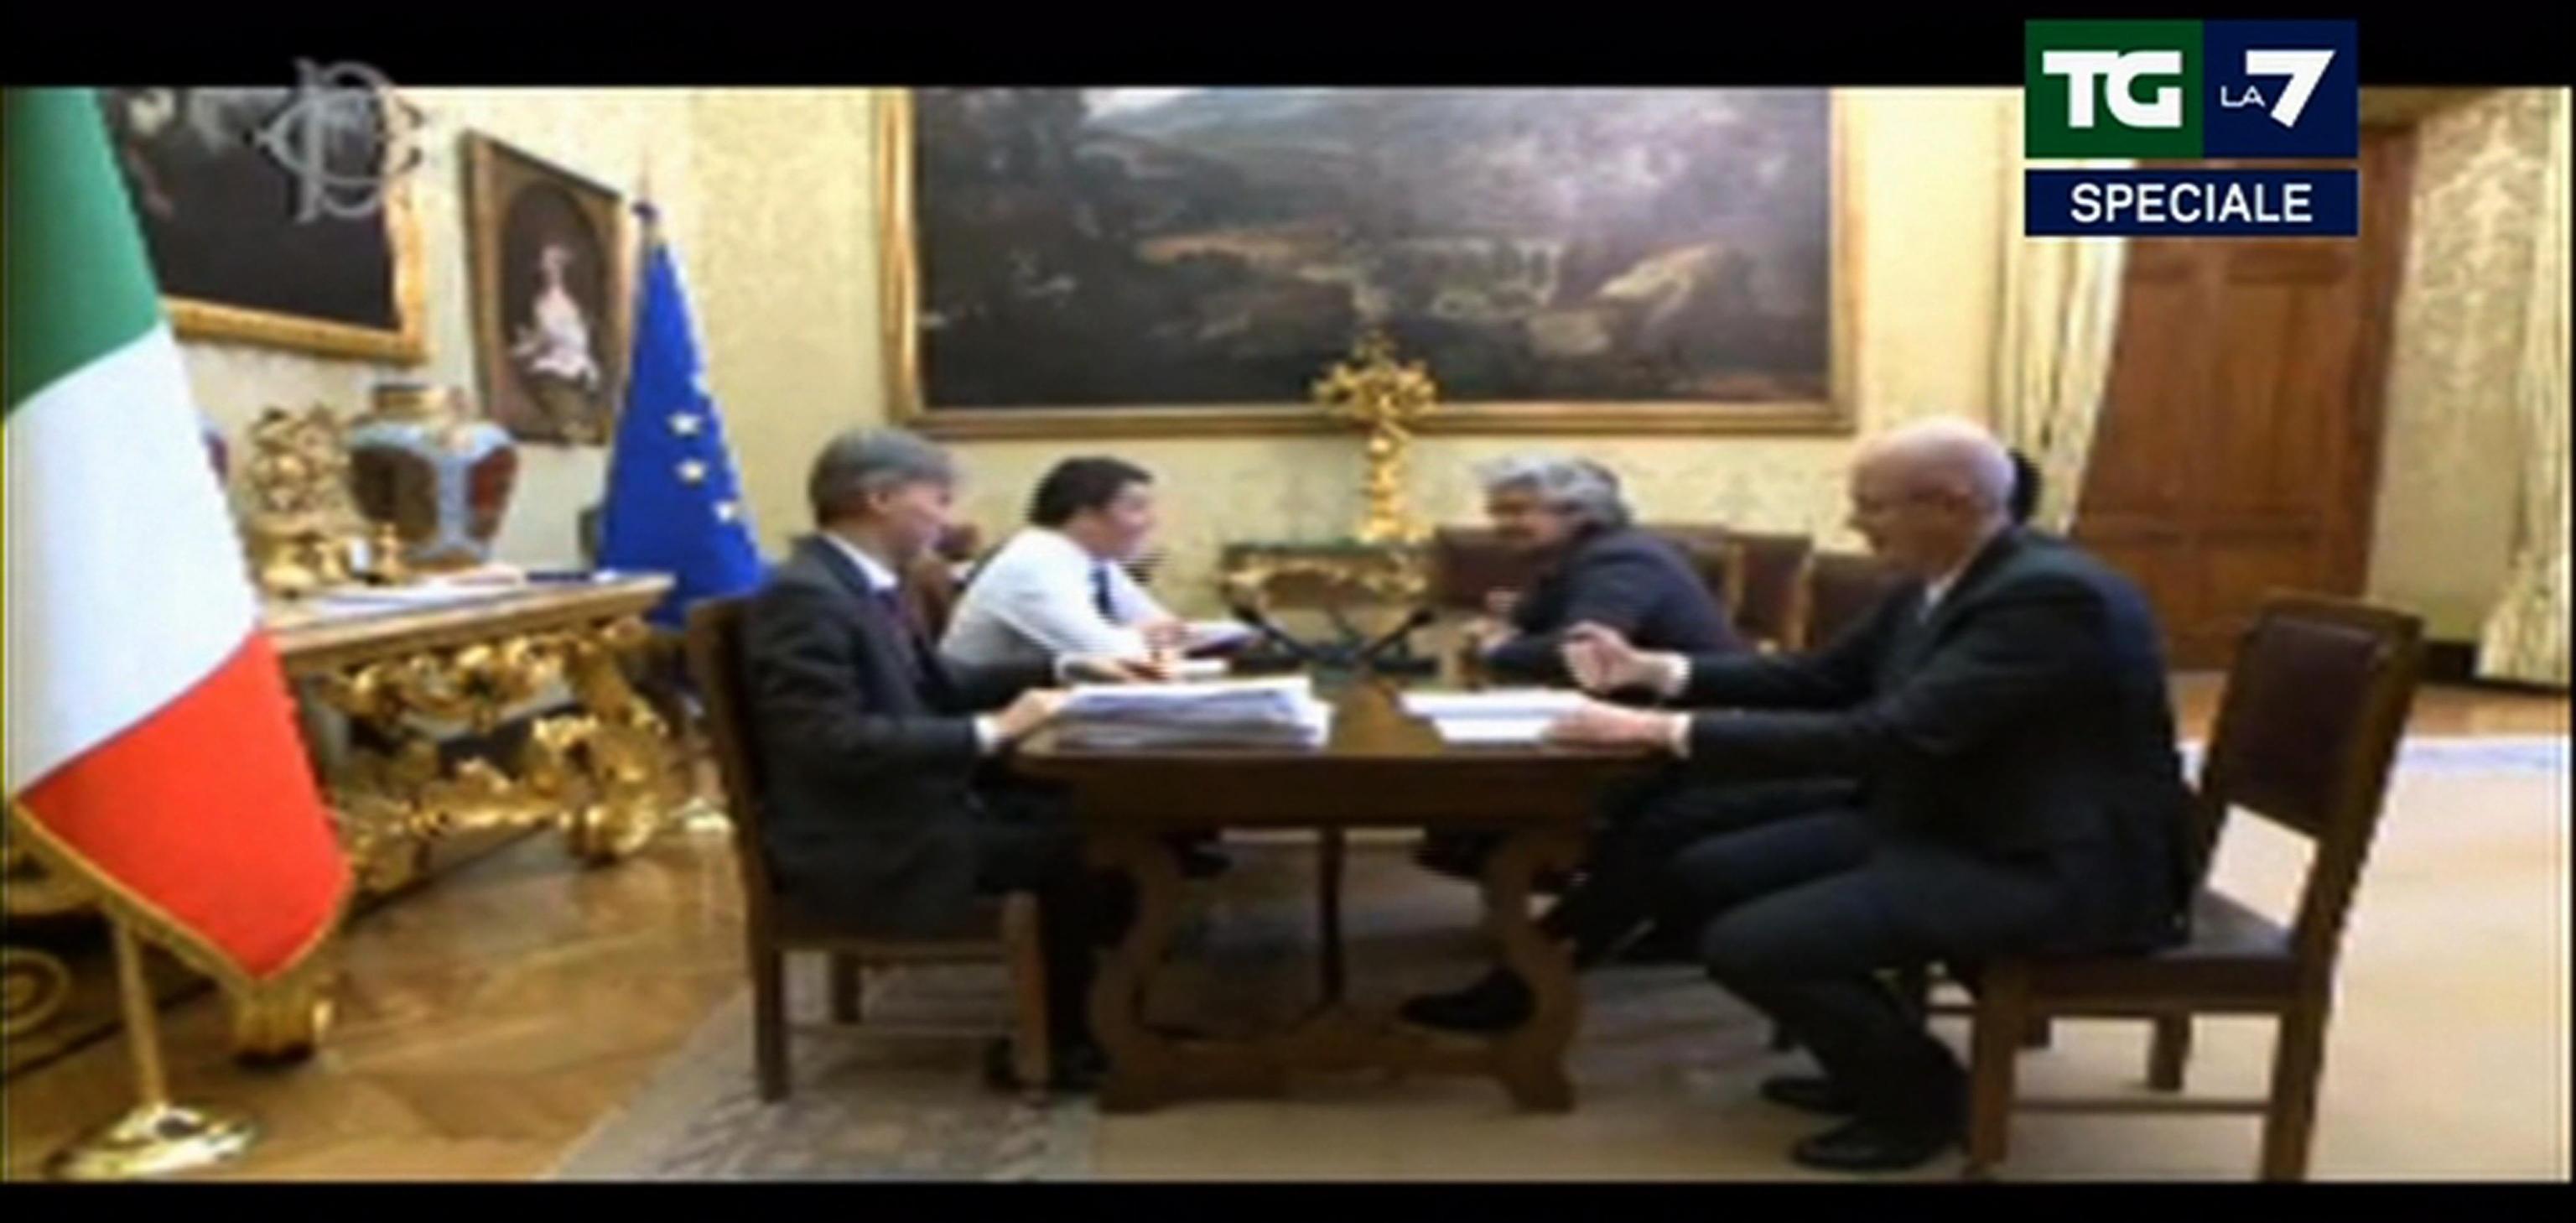 """Matteo Renzi a Beppe Grillo: """"Esci da questo blog"""". Tutte le frasi del leader pd"""